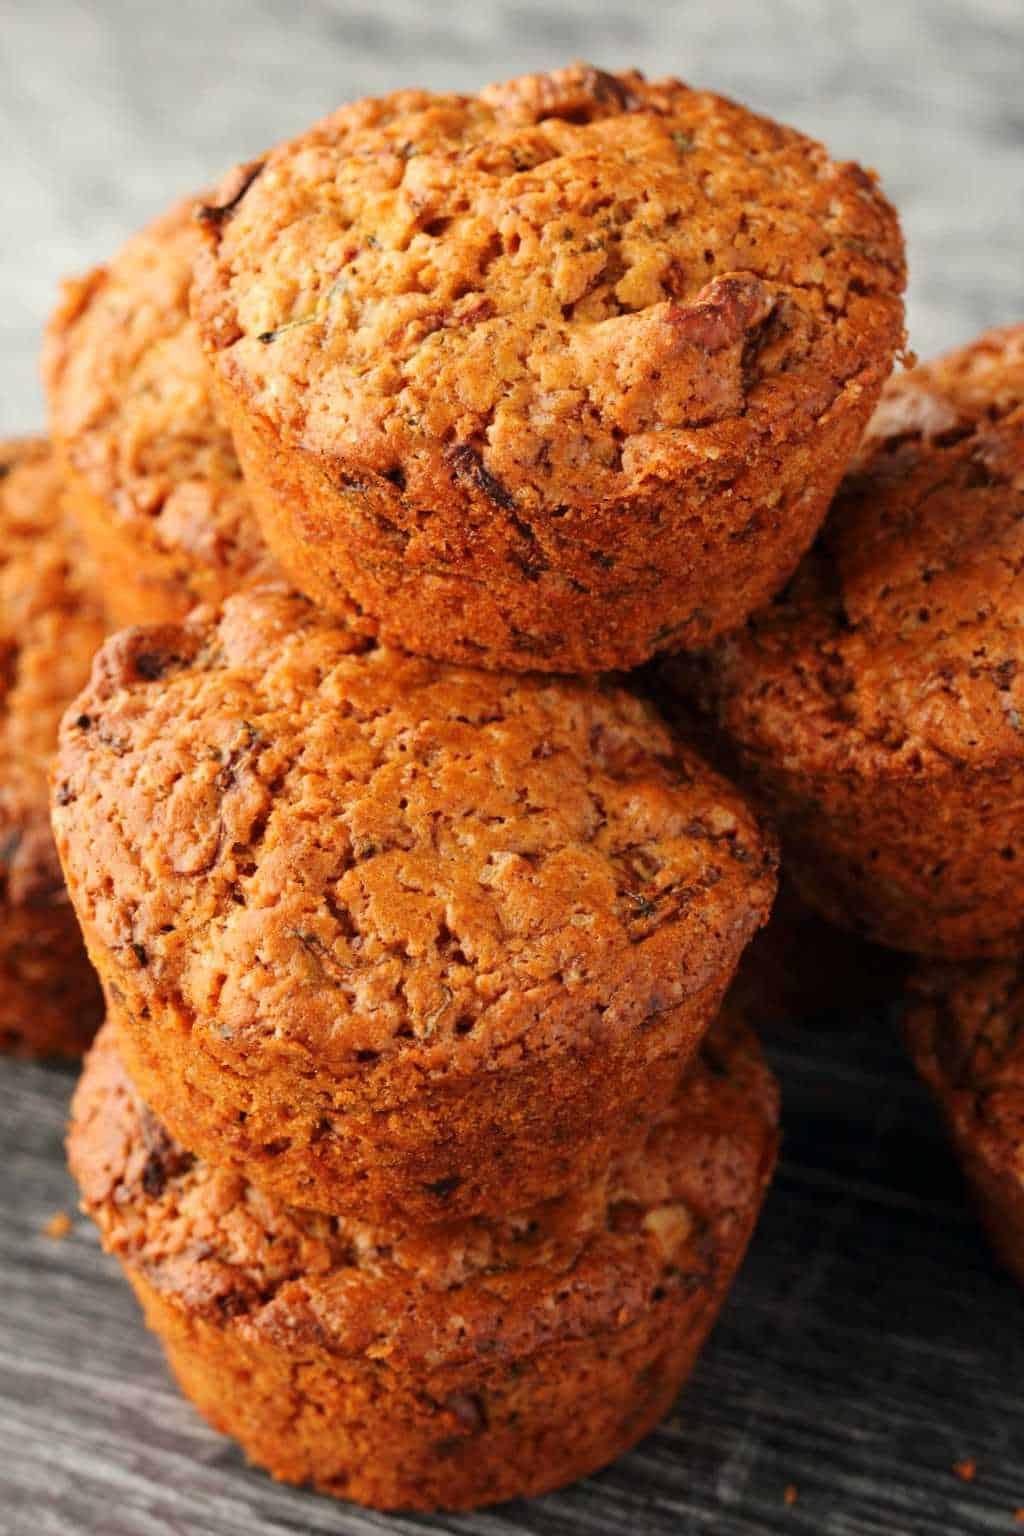 Vegan Zucchini Muffins in a stack against a dark background.